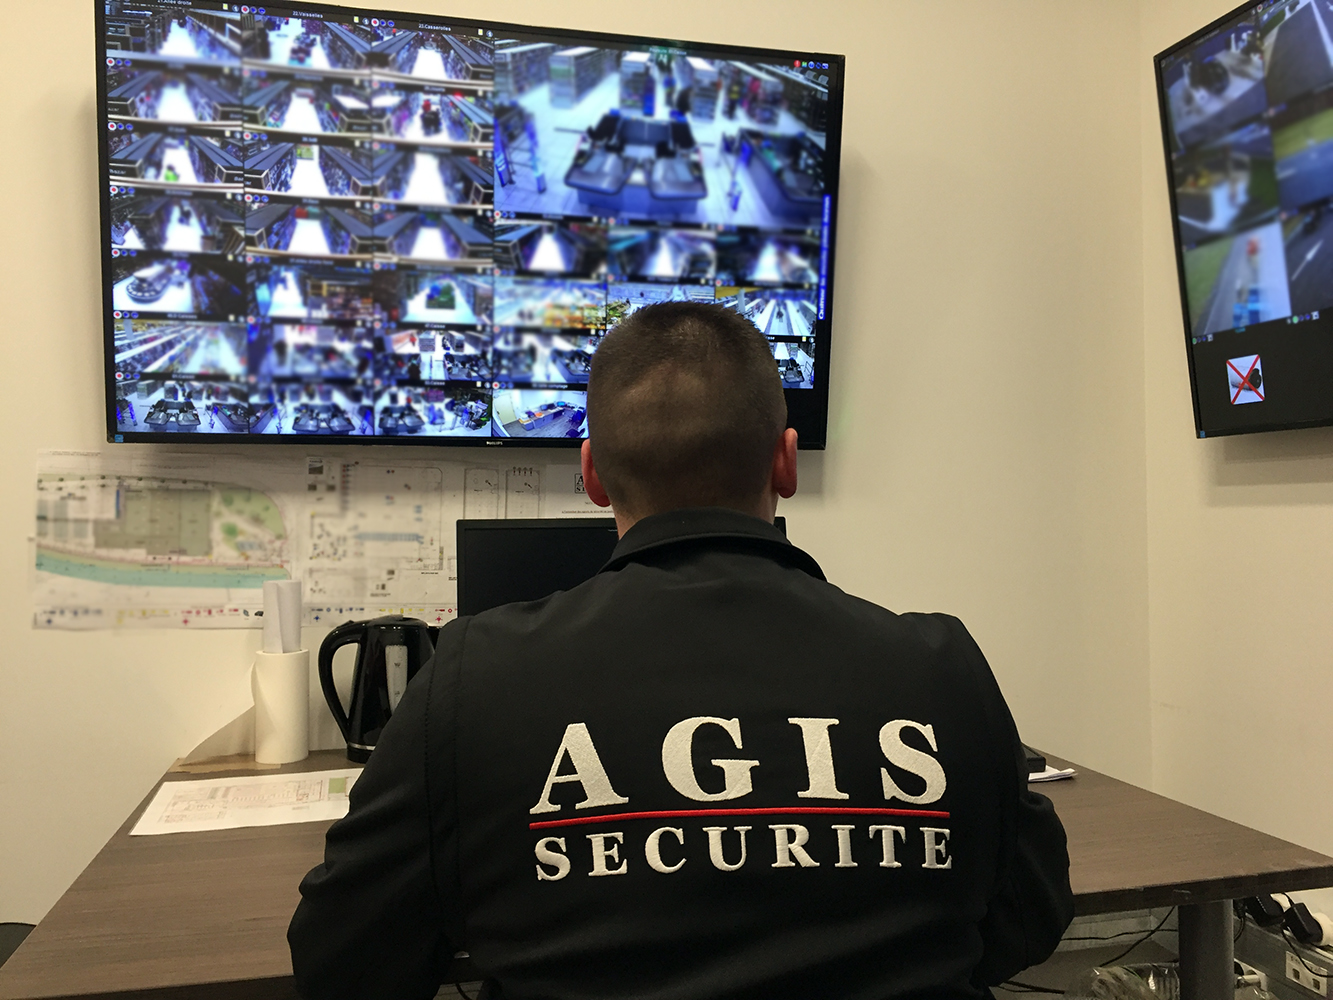 AGIS sécurité - PC sécurité.JPG